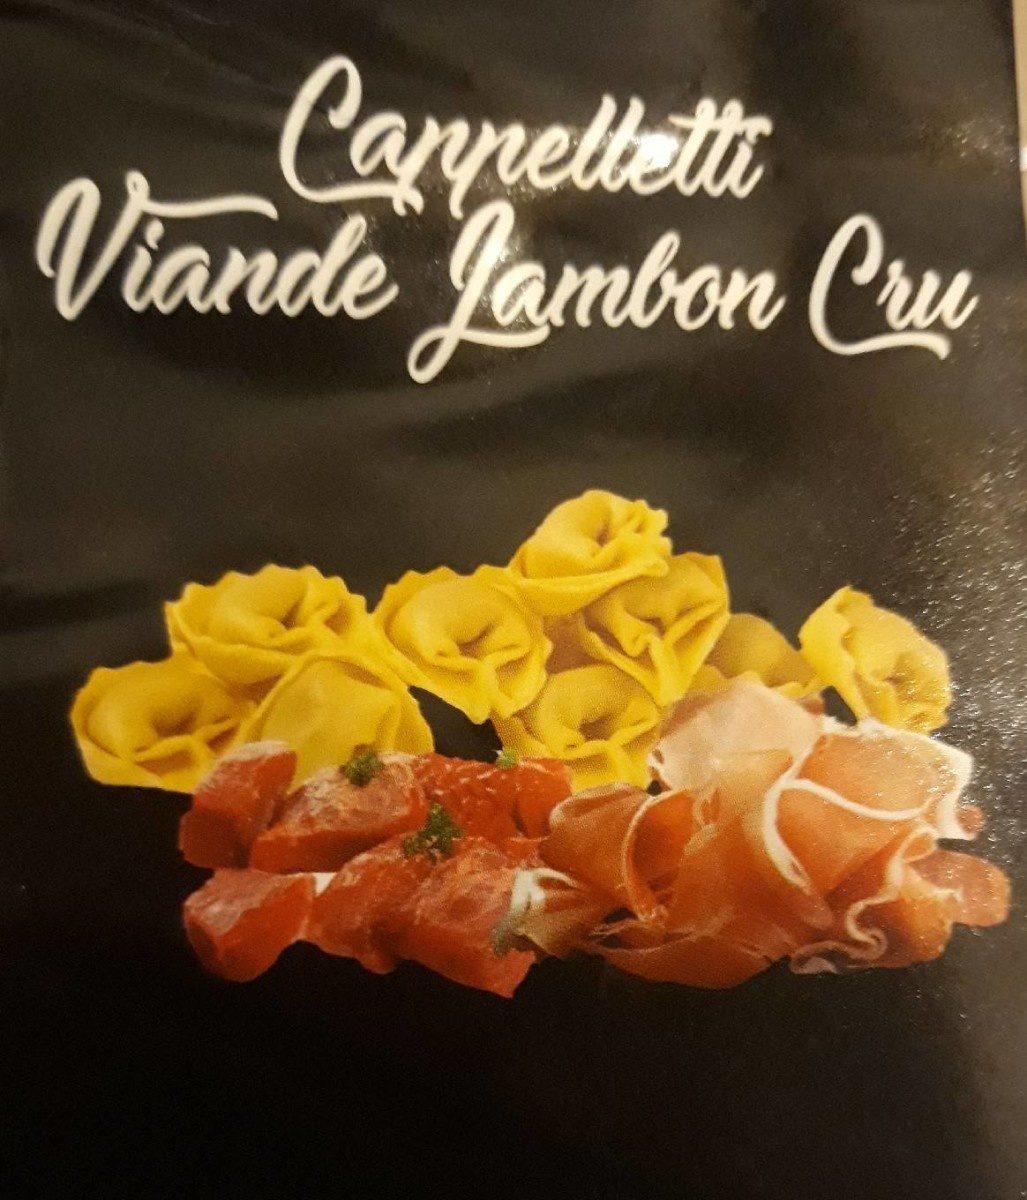 Cappelletti viande jambon cru - Product